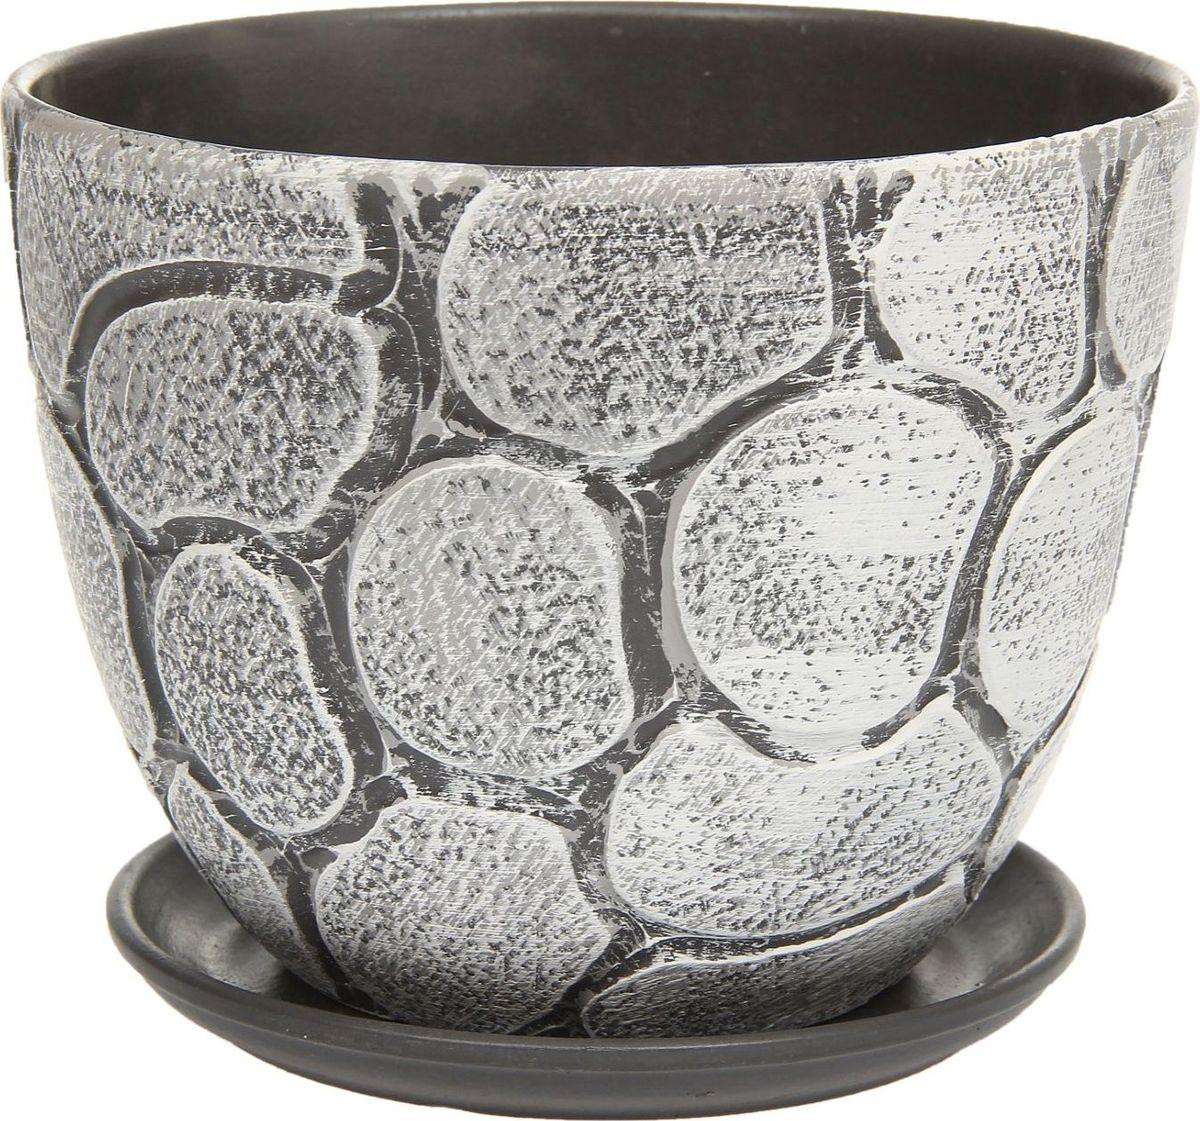 Кашпо Камушки, 3 л1138603Комнатные растения — всеобщие любимцы. Они радуют глаз, насыщают помещение кислородом и украшают пространство. Каждому из них необходим свой удобный и красивый дом. Кашпо из керамики прекрасно подходят для высадки растений: за счёт пластичности глины и разных способов обработки существует великое множество форм и дизайновпористый материал позволяет испаряться лишней влагевоздух, необходимый для дыхания корней, проникает сквозь керамические стенки! #name# позаботится о зелёном питомце, освежит интерьер и подчеркнёт его стиль.